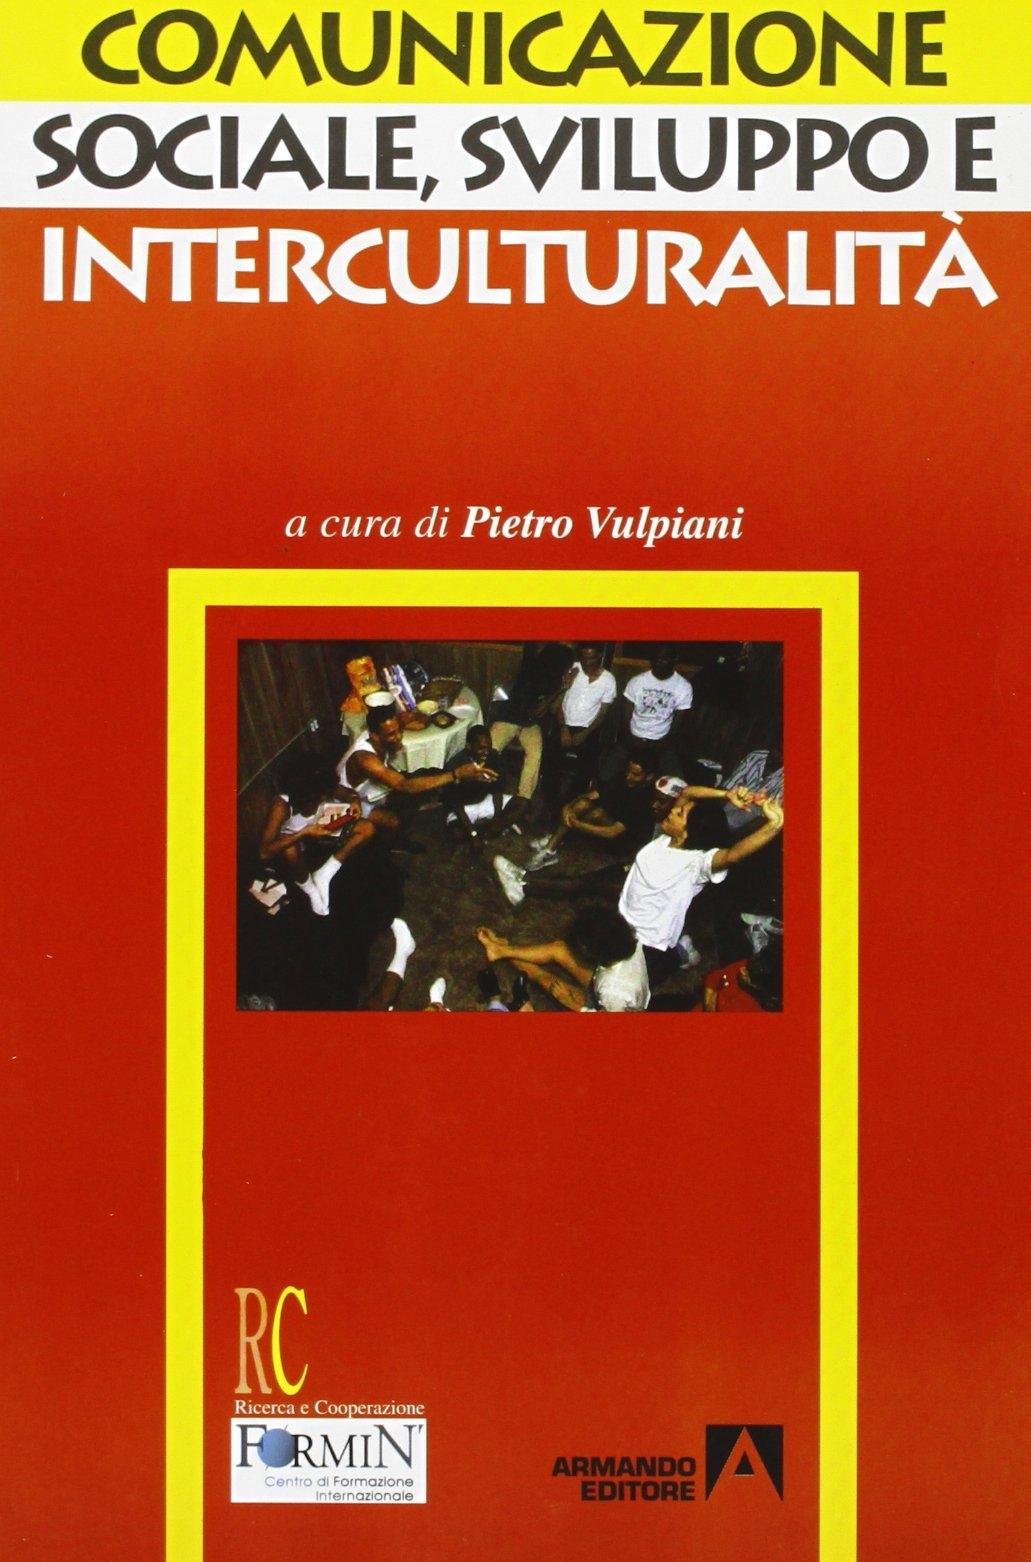 Comunicazione sociale, sviluppo e interculturalità